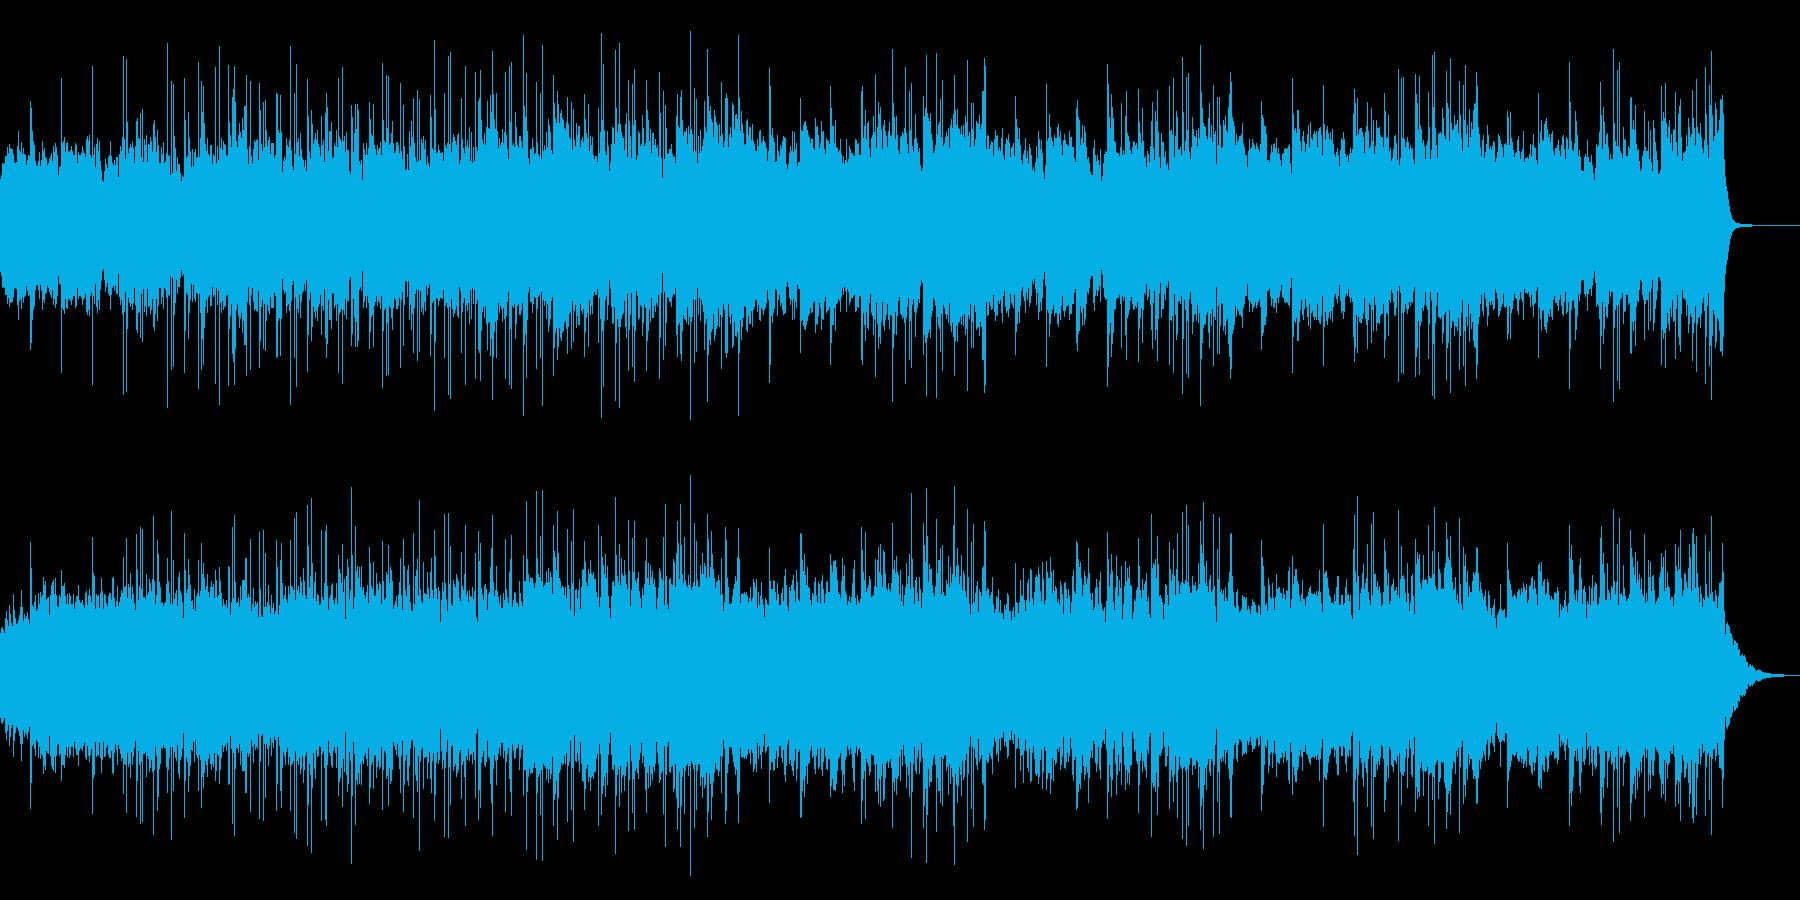 幻想的で浮遊感のあるクールなBGMの再生済みの波形